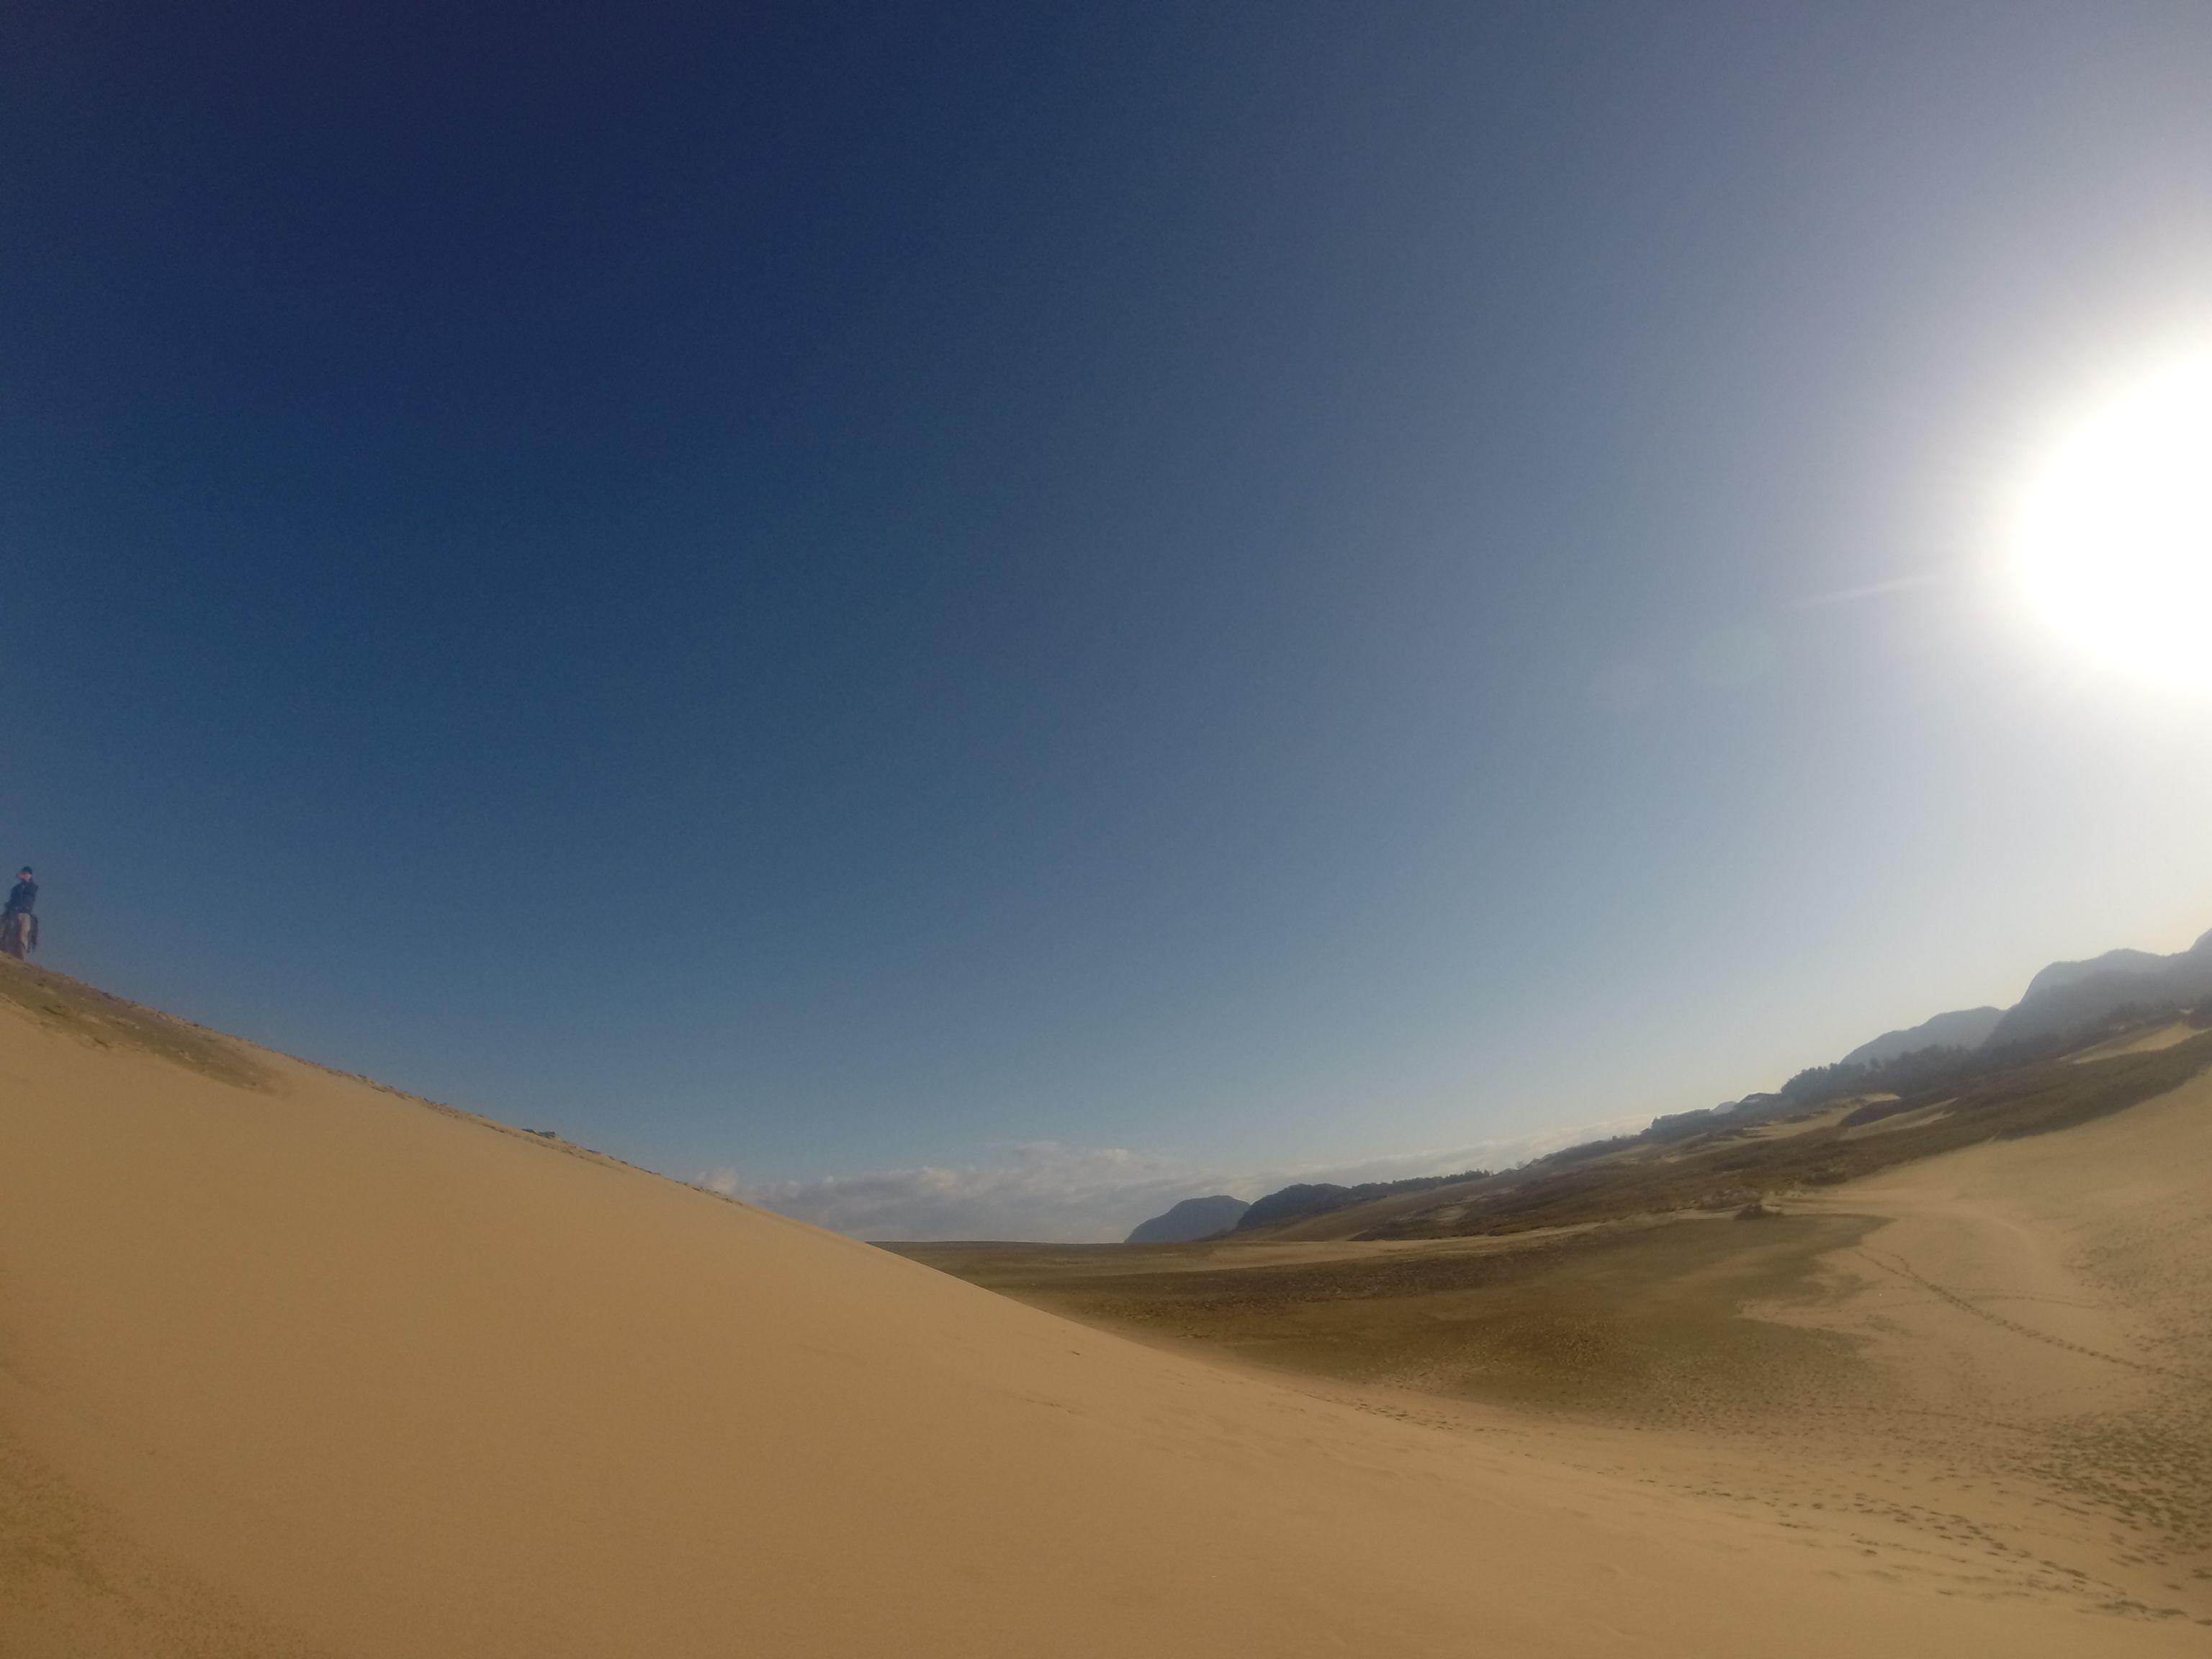 久しぶりに爽快な青空が広がった鳥取砂丘